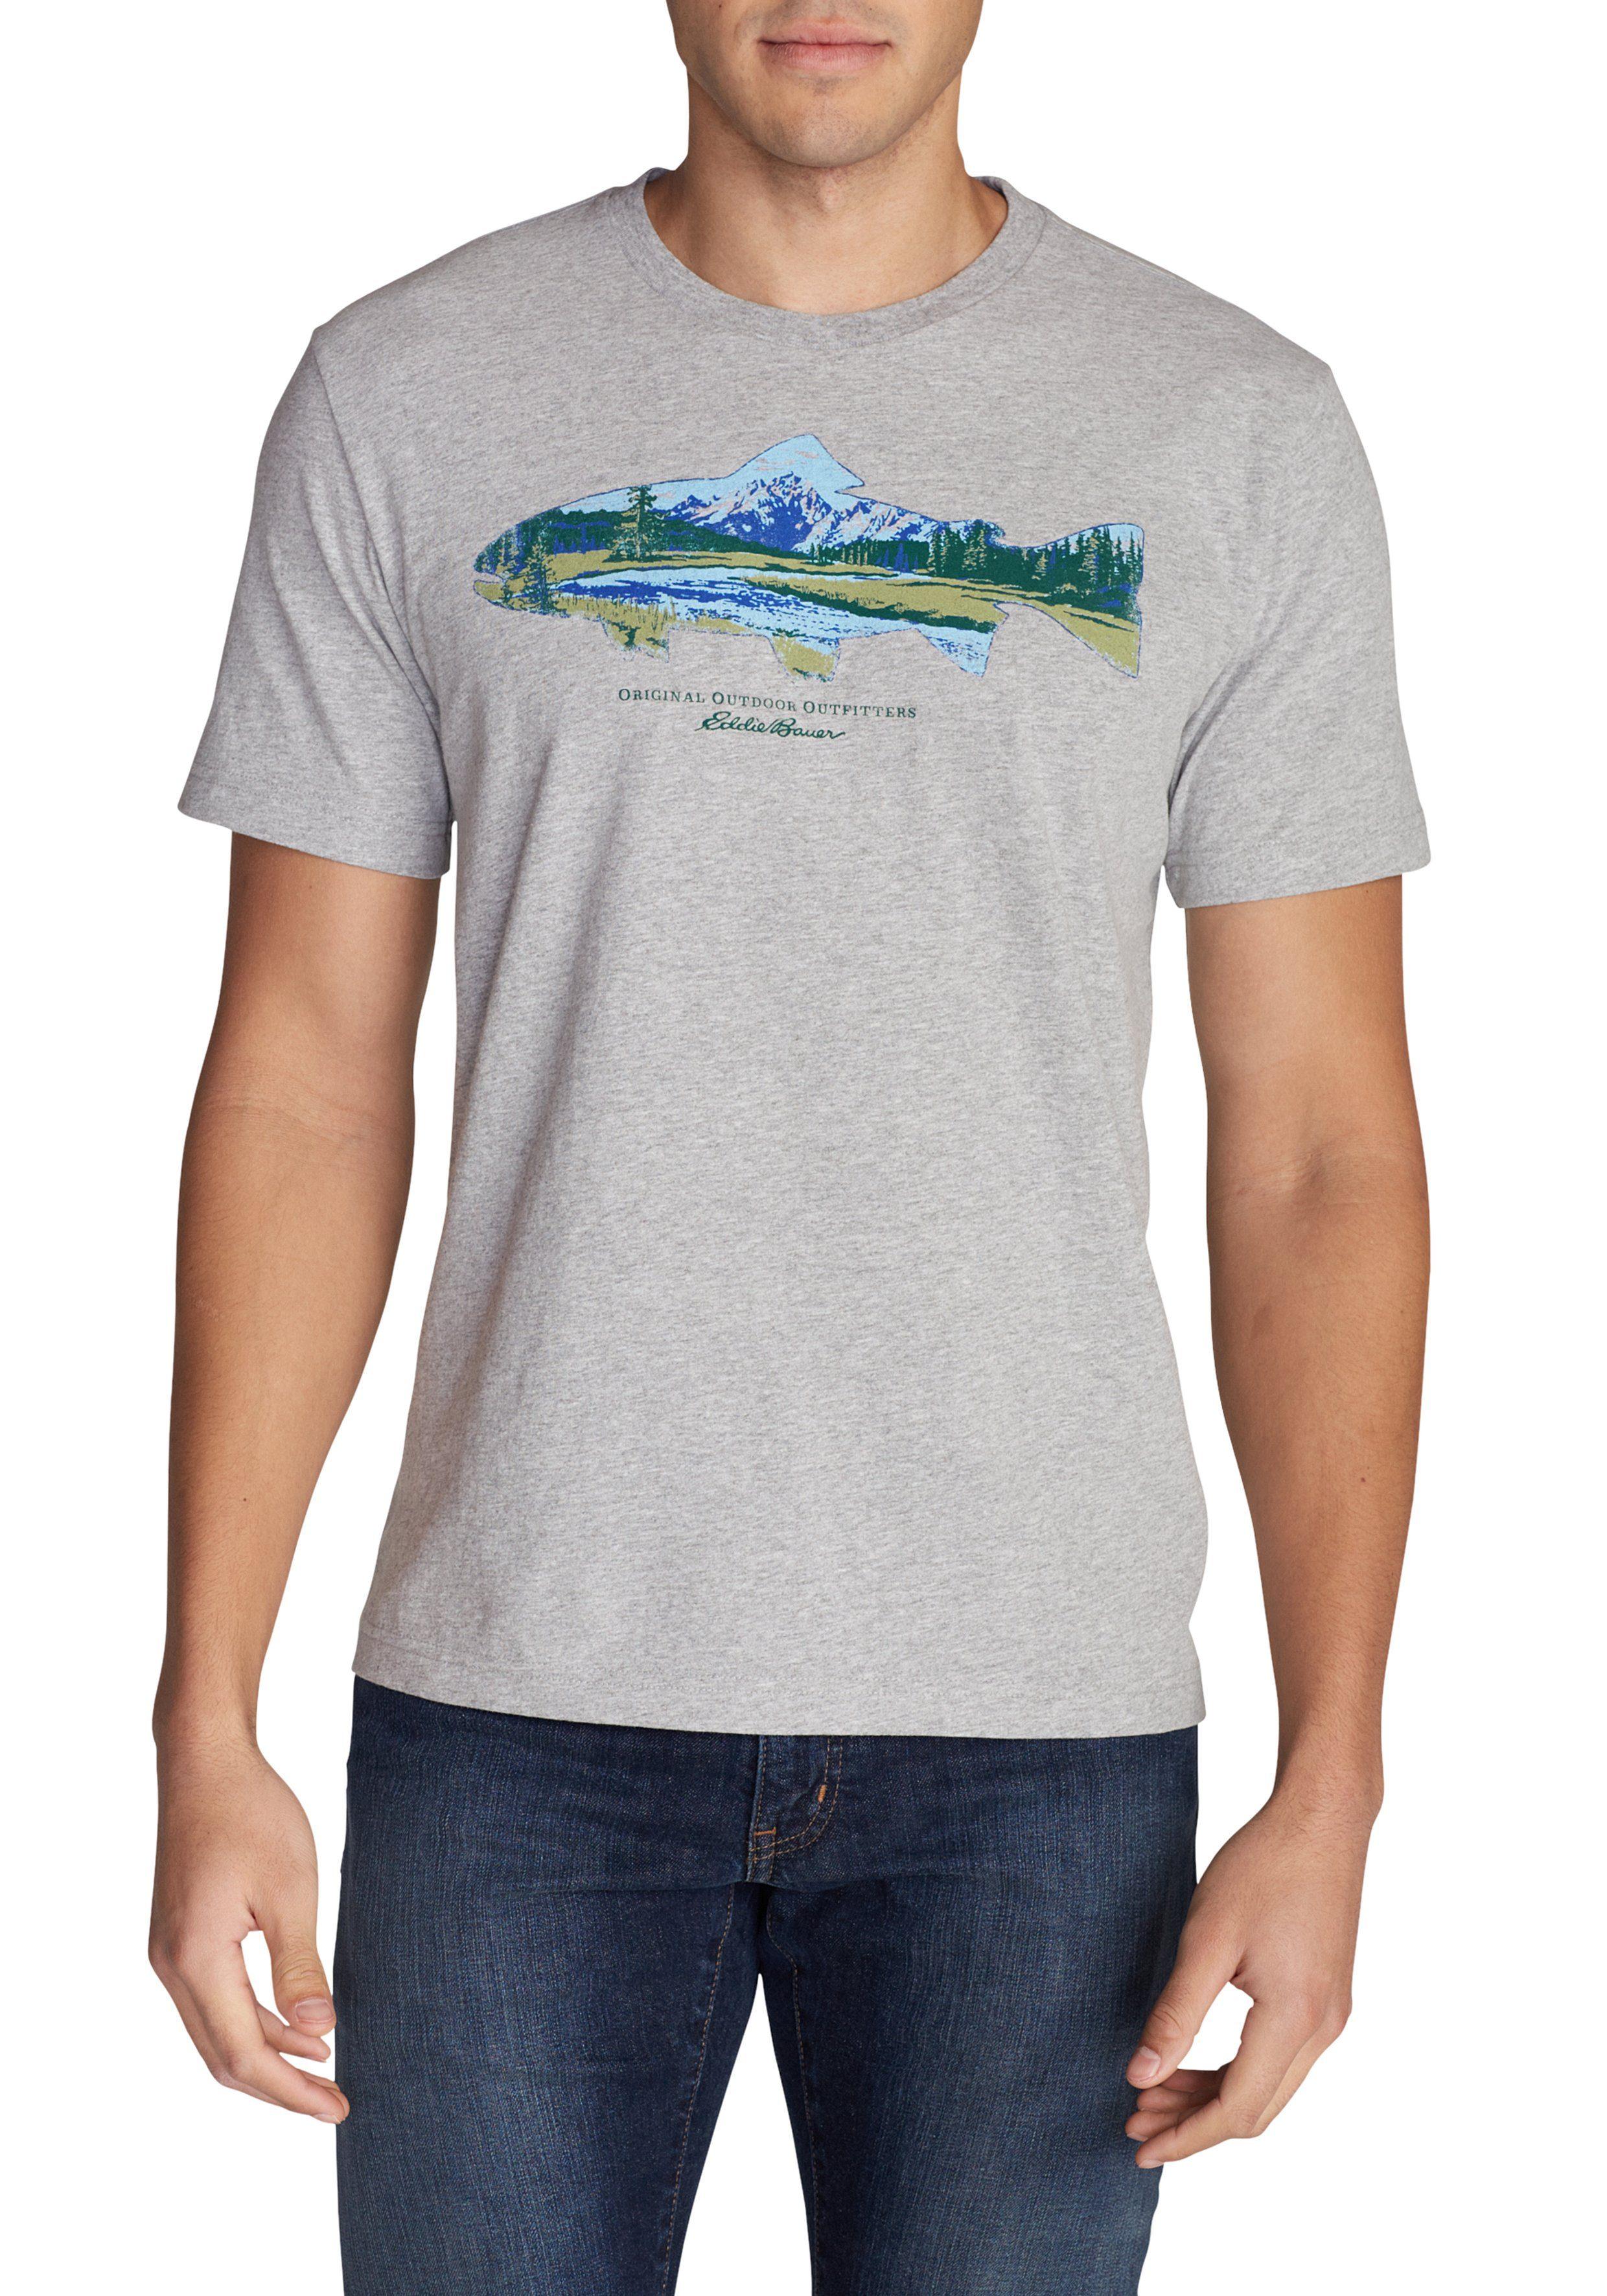 Eddie Bauer T-Shirt Troutscape